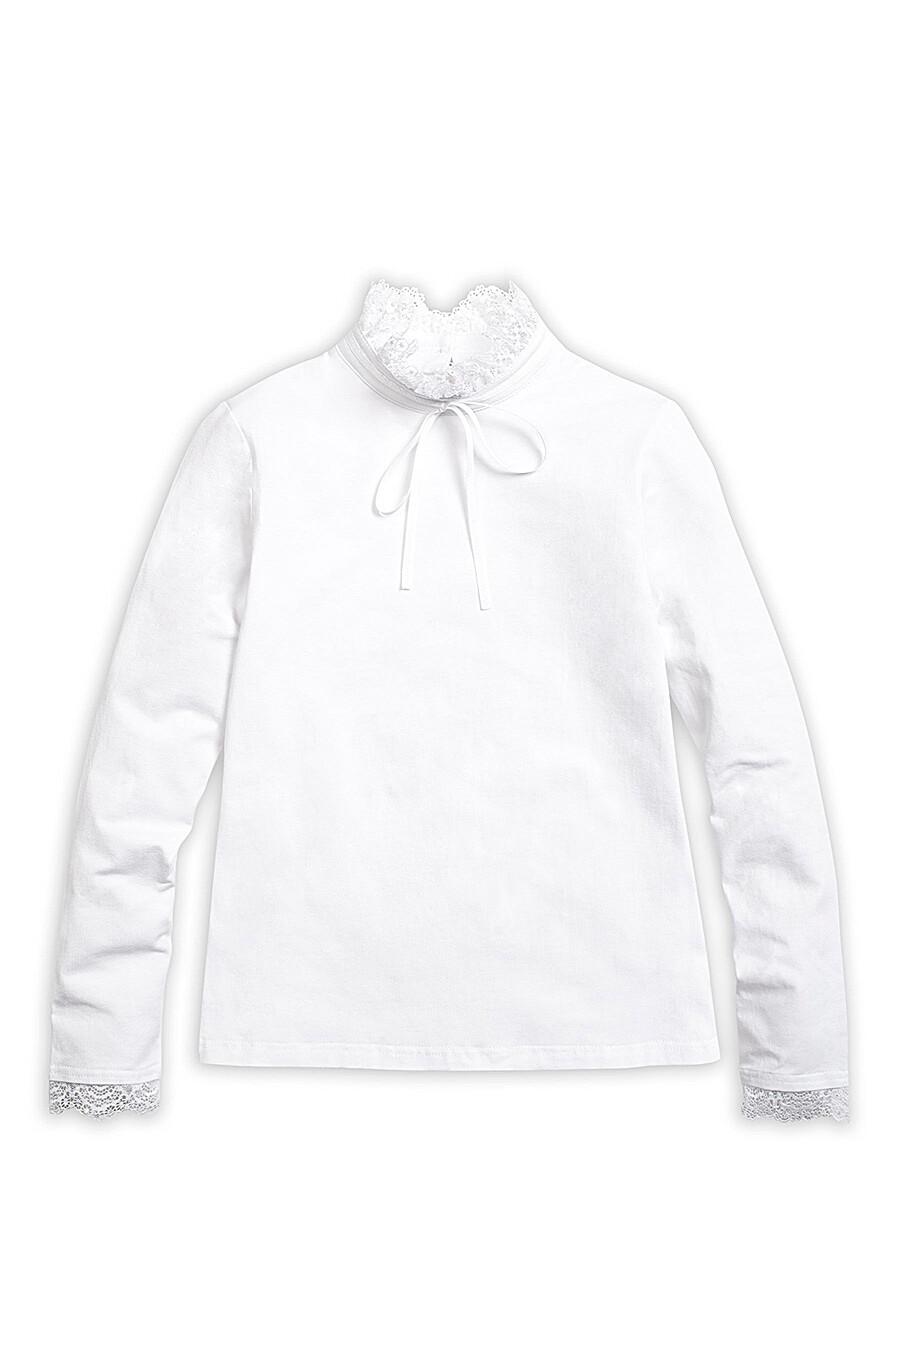 Блузка для девочек PELICAN 218582 купить оптом от производителя. Совместная покупка детской одежды в OptMoyo